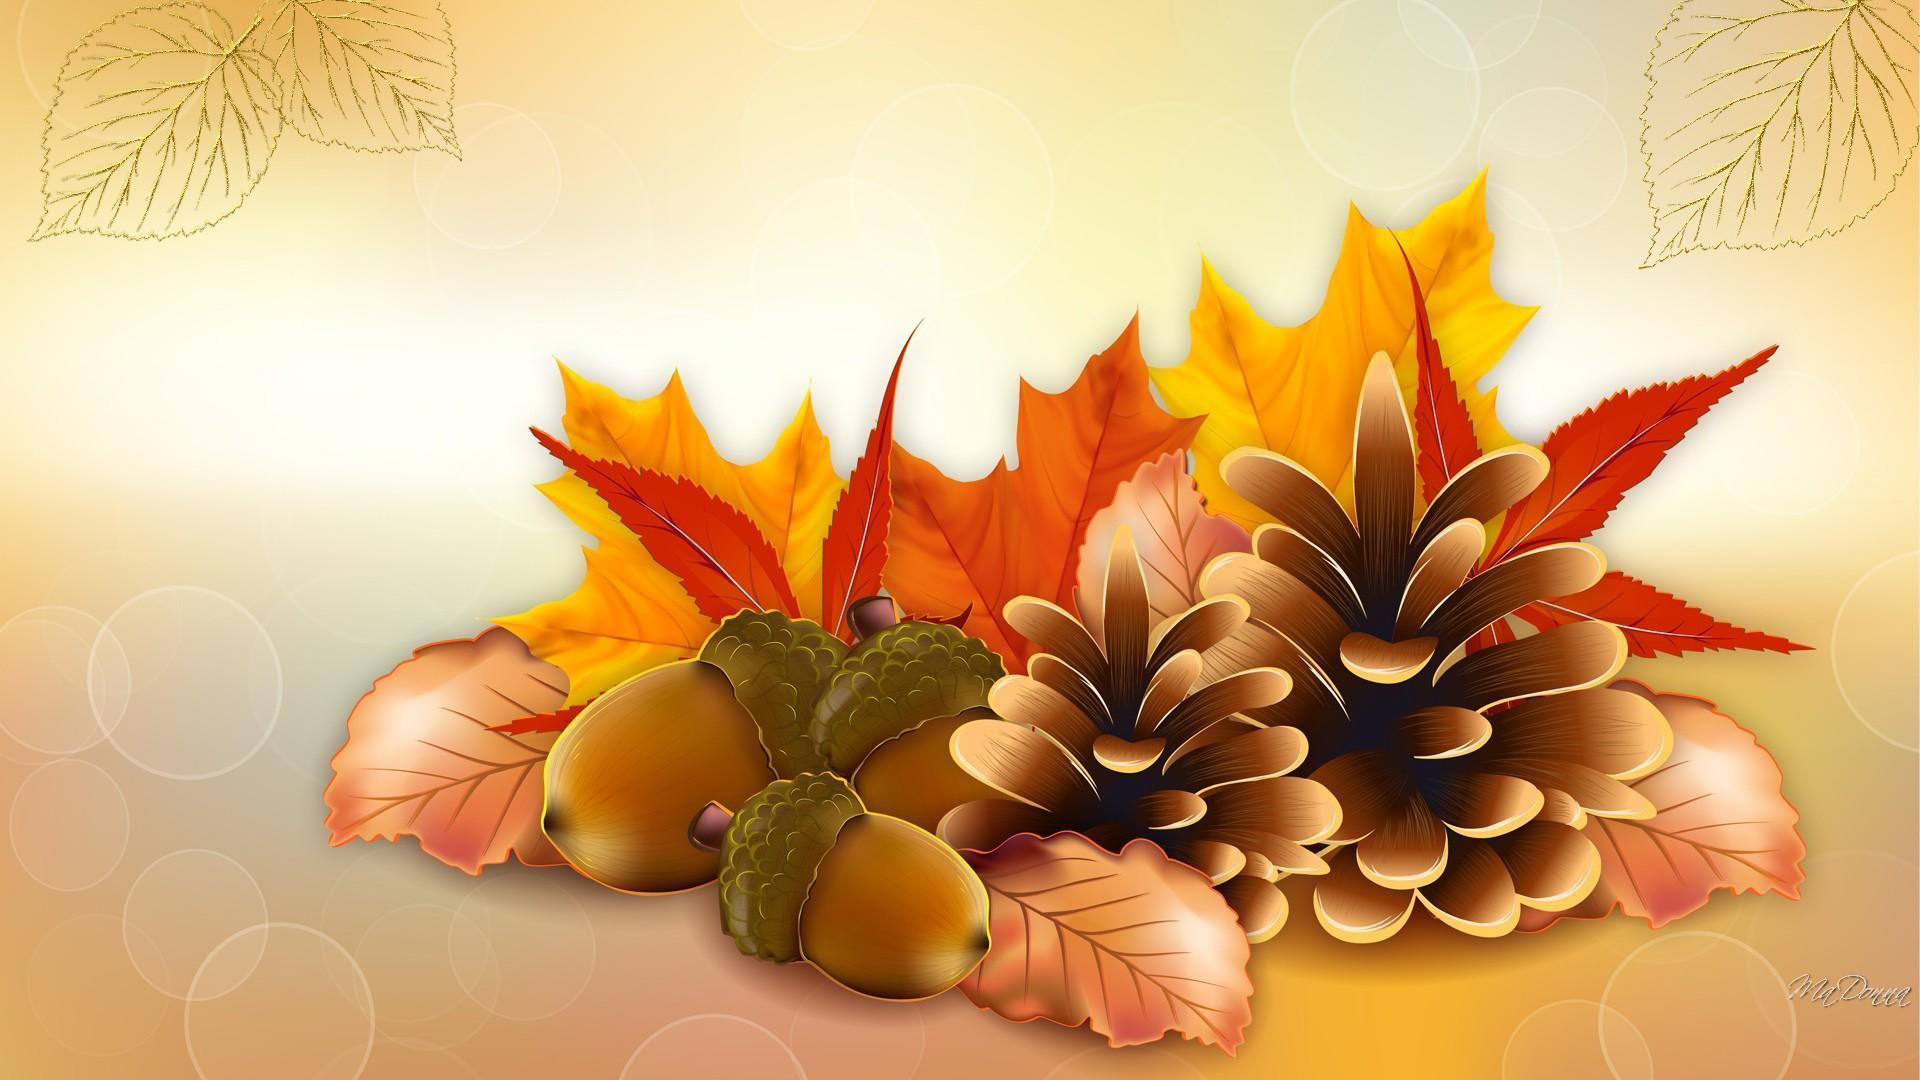 thanksgiving hd wallpaper widescreen 1920x1080 - photo #21